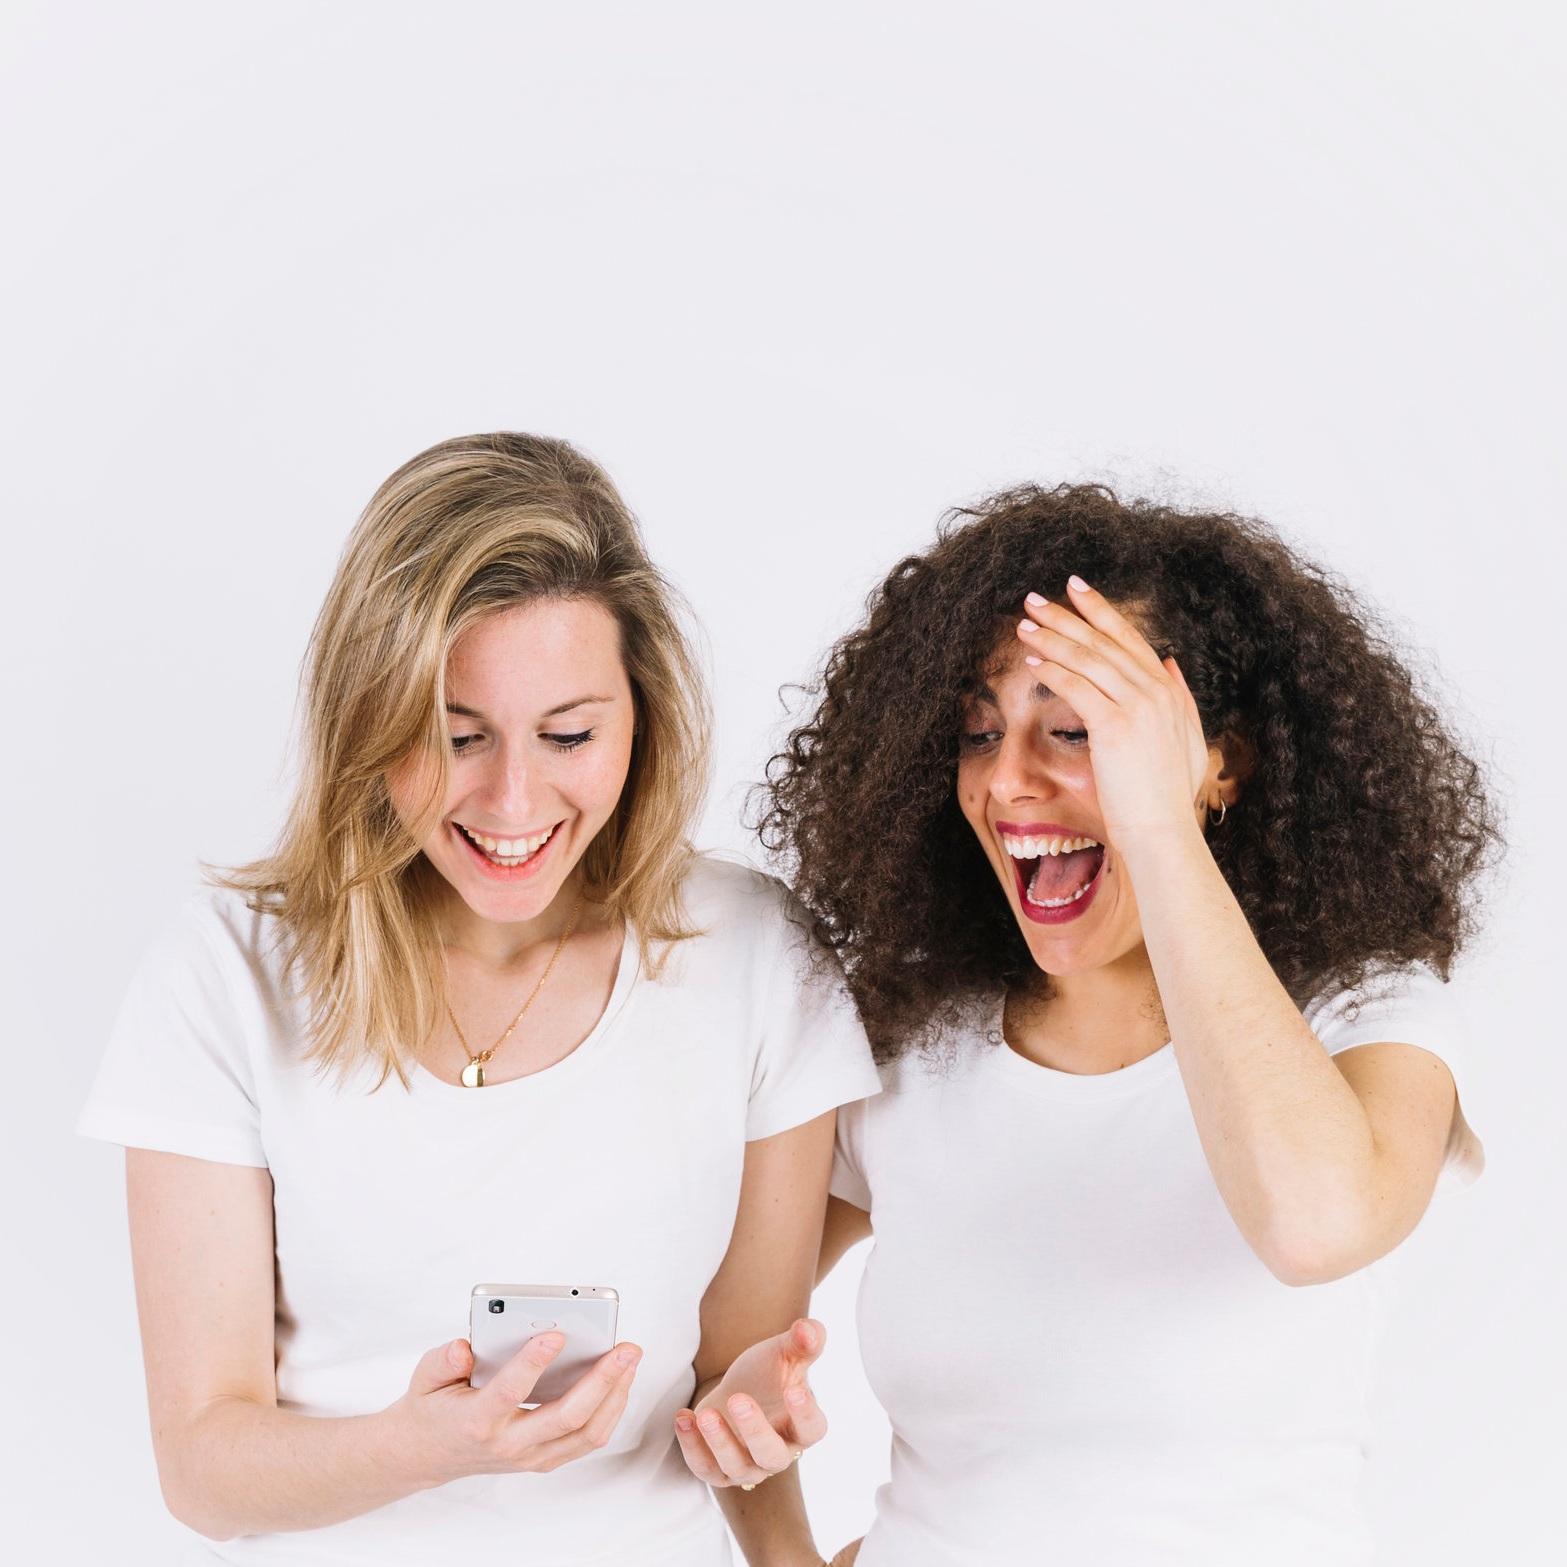 - Le neurologue et chercheur, le Dr Henry Rubinstein a découvert que le corps ne pouvait faire la différence entre un rire qui serait déclenché par une bonne blague et celui qui est déclenché par un exercice de rire.